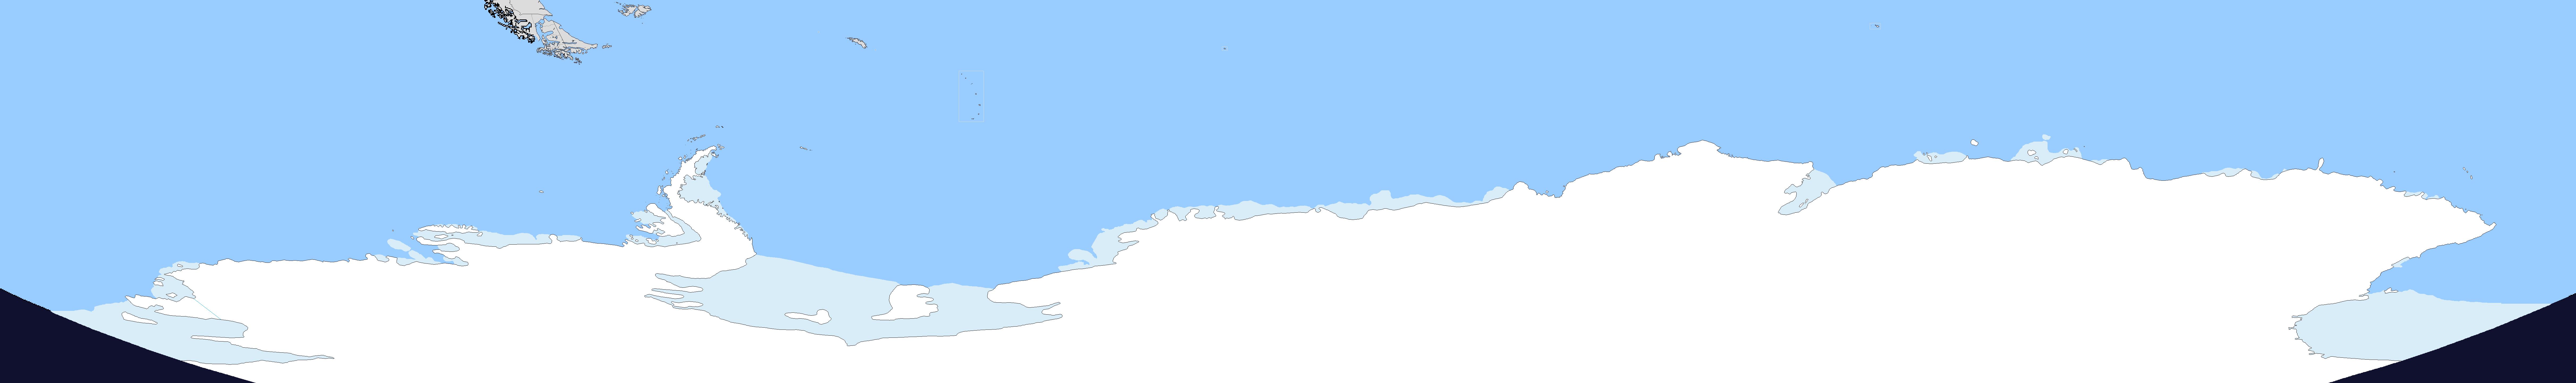 Antarktis_und_Suedozeane.png